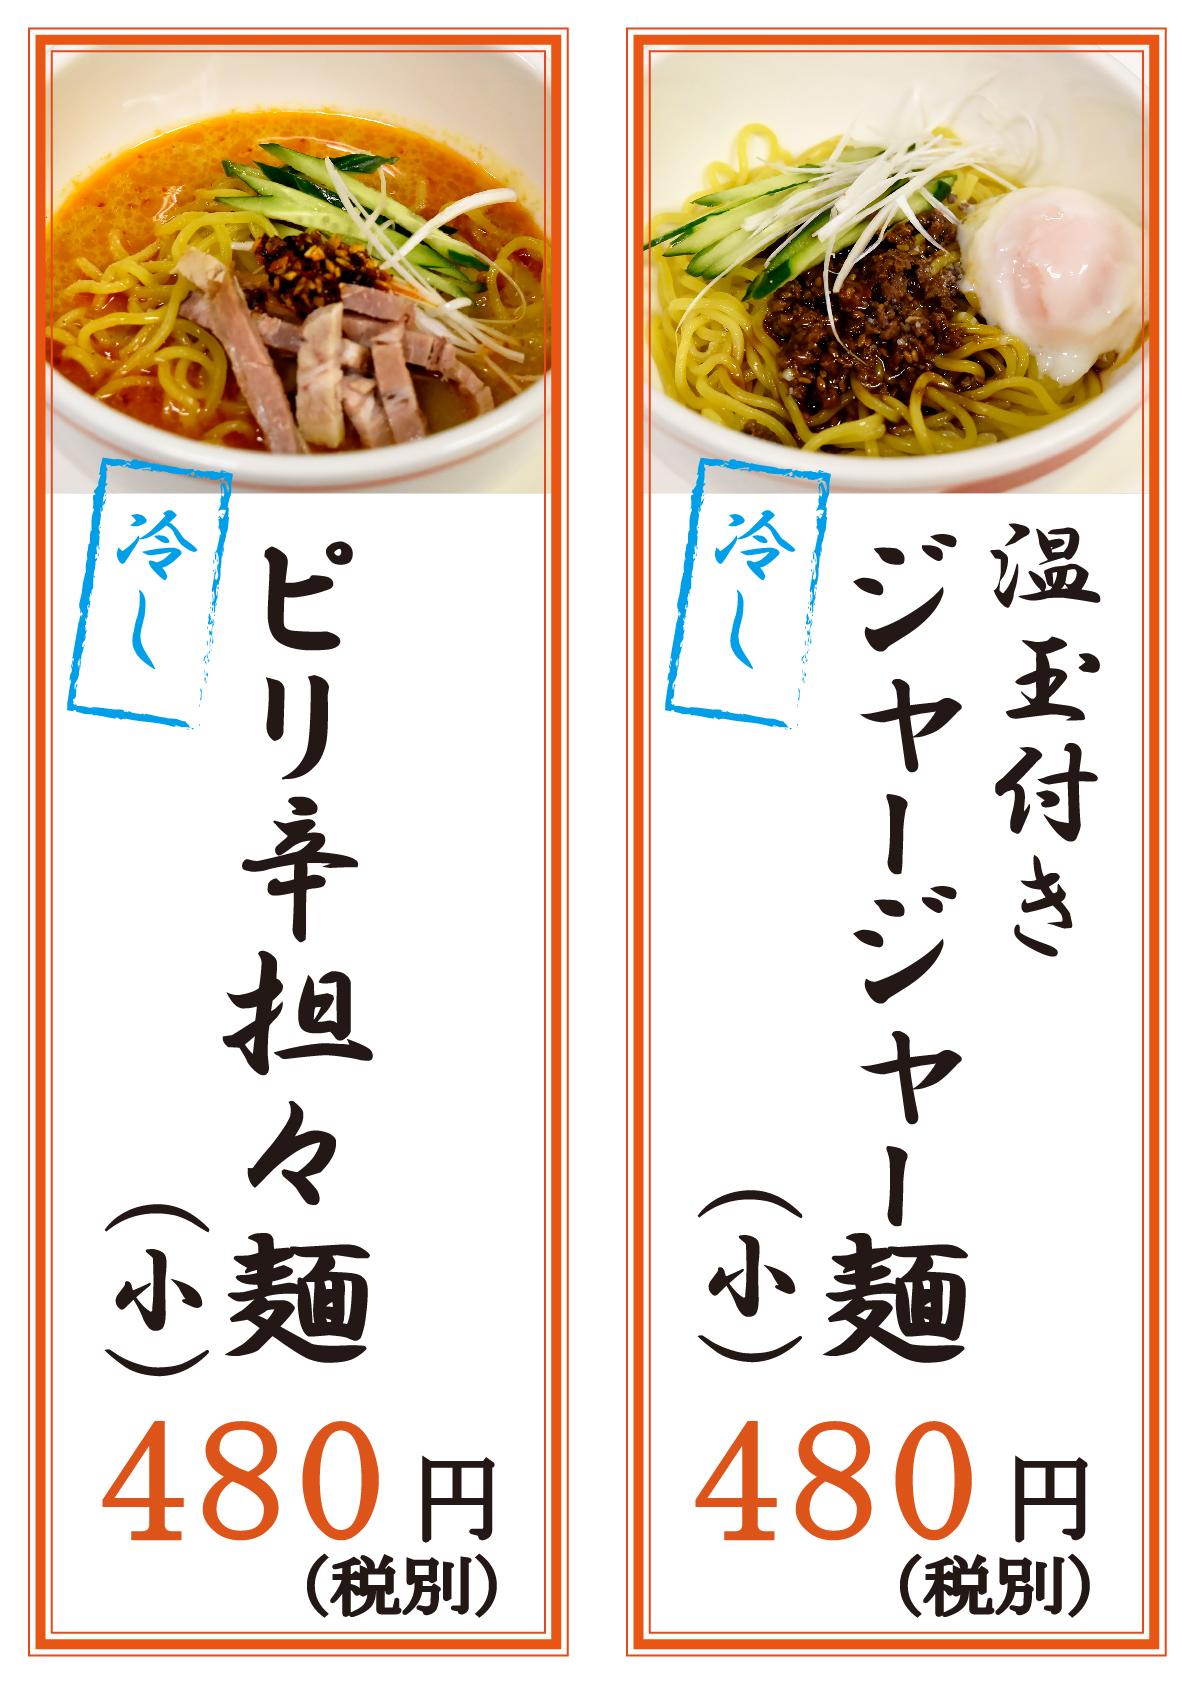 担々麺 ジャージャー麺 高山市 焼肉